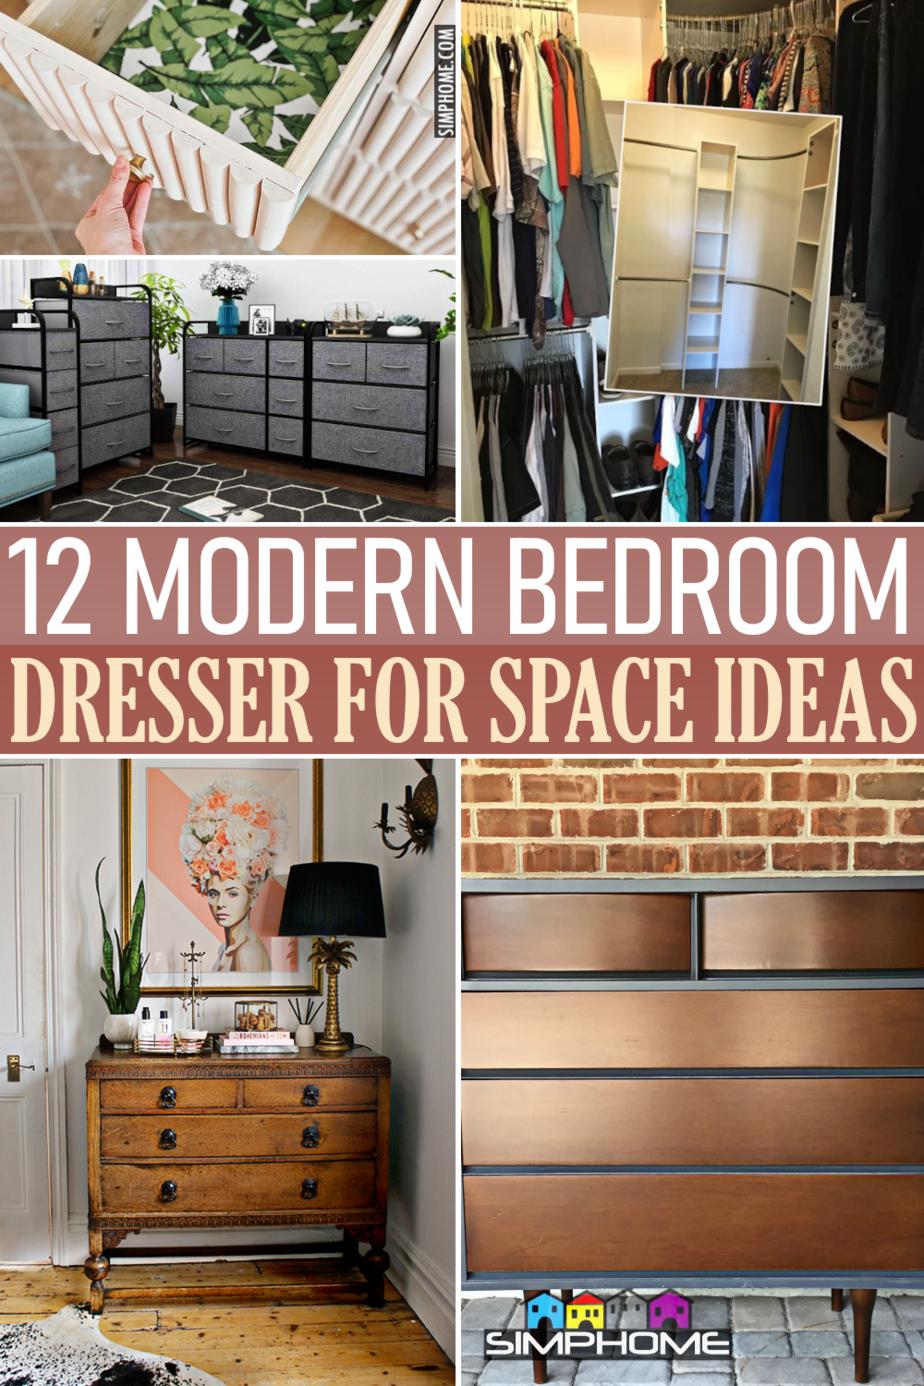 12 Modern Dresser Ideas via SIMPHOME.COMFeatured